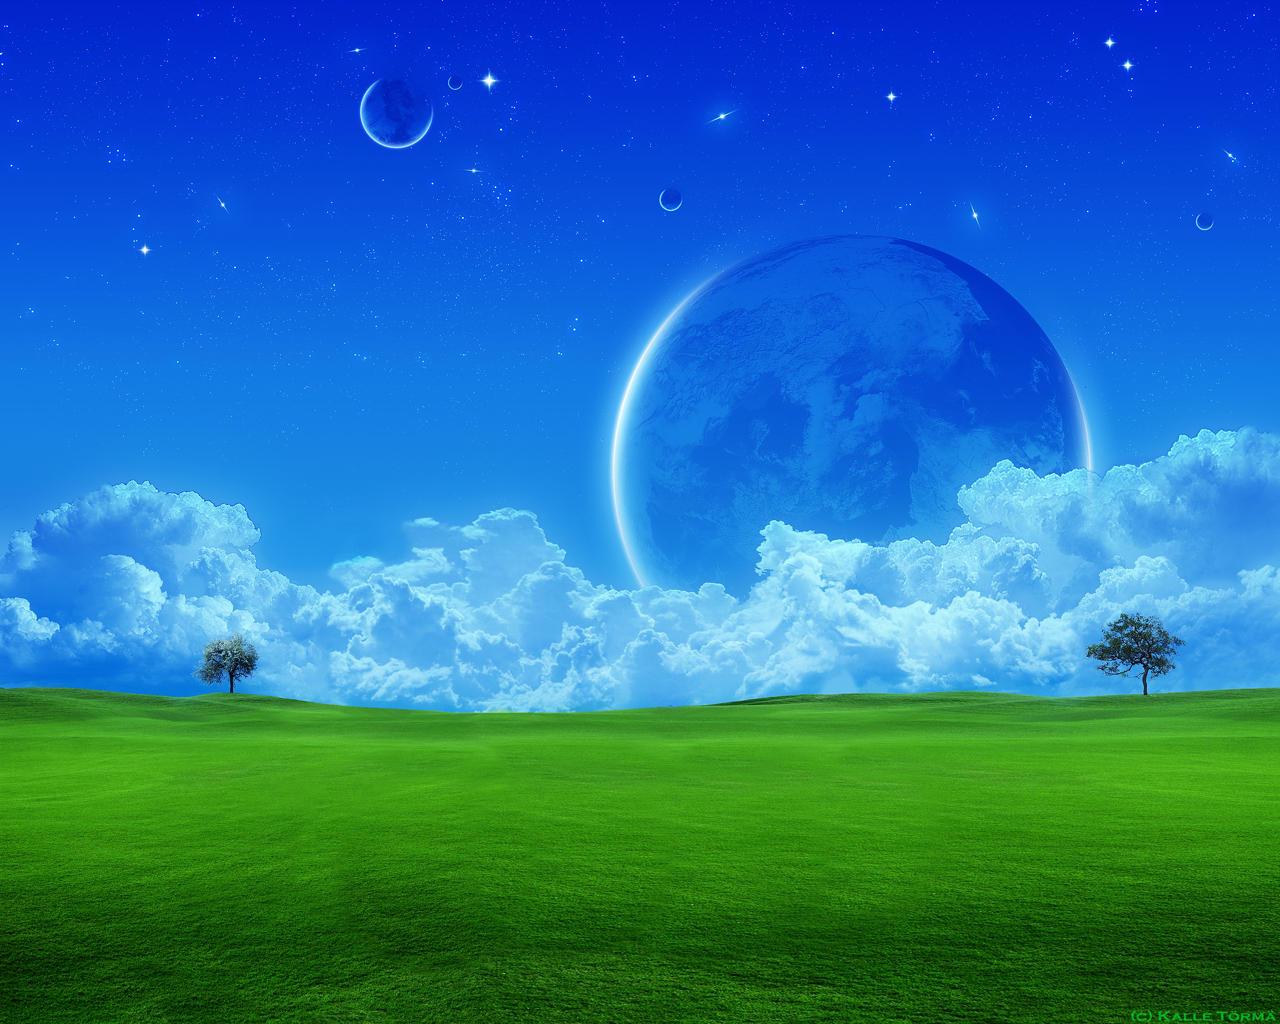 Dreaming by DerecV2